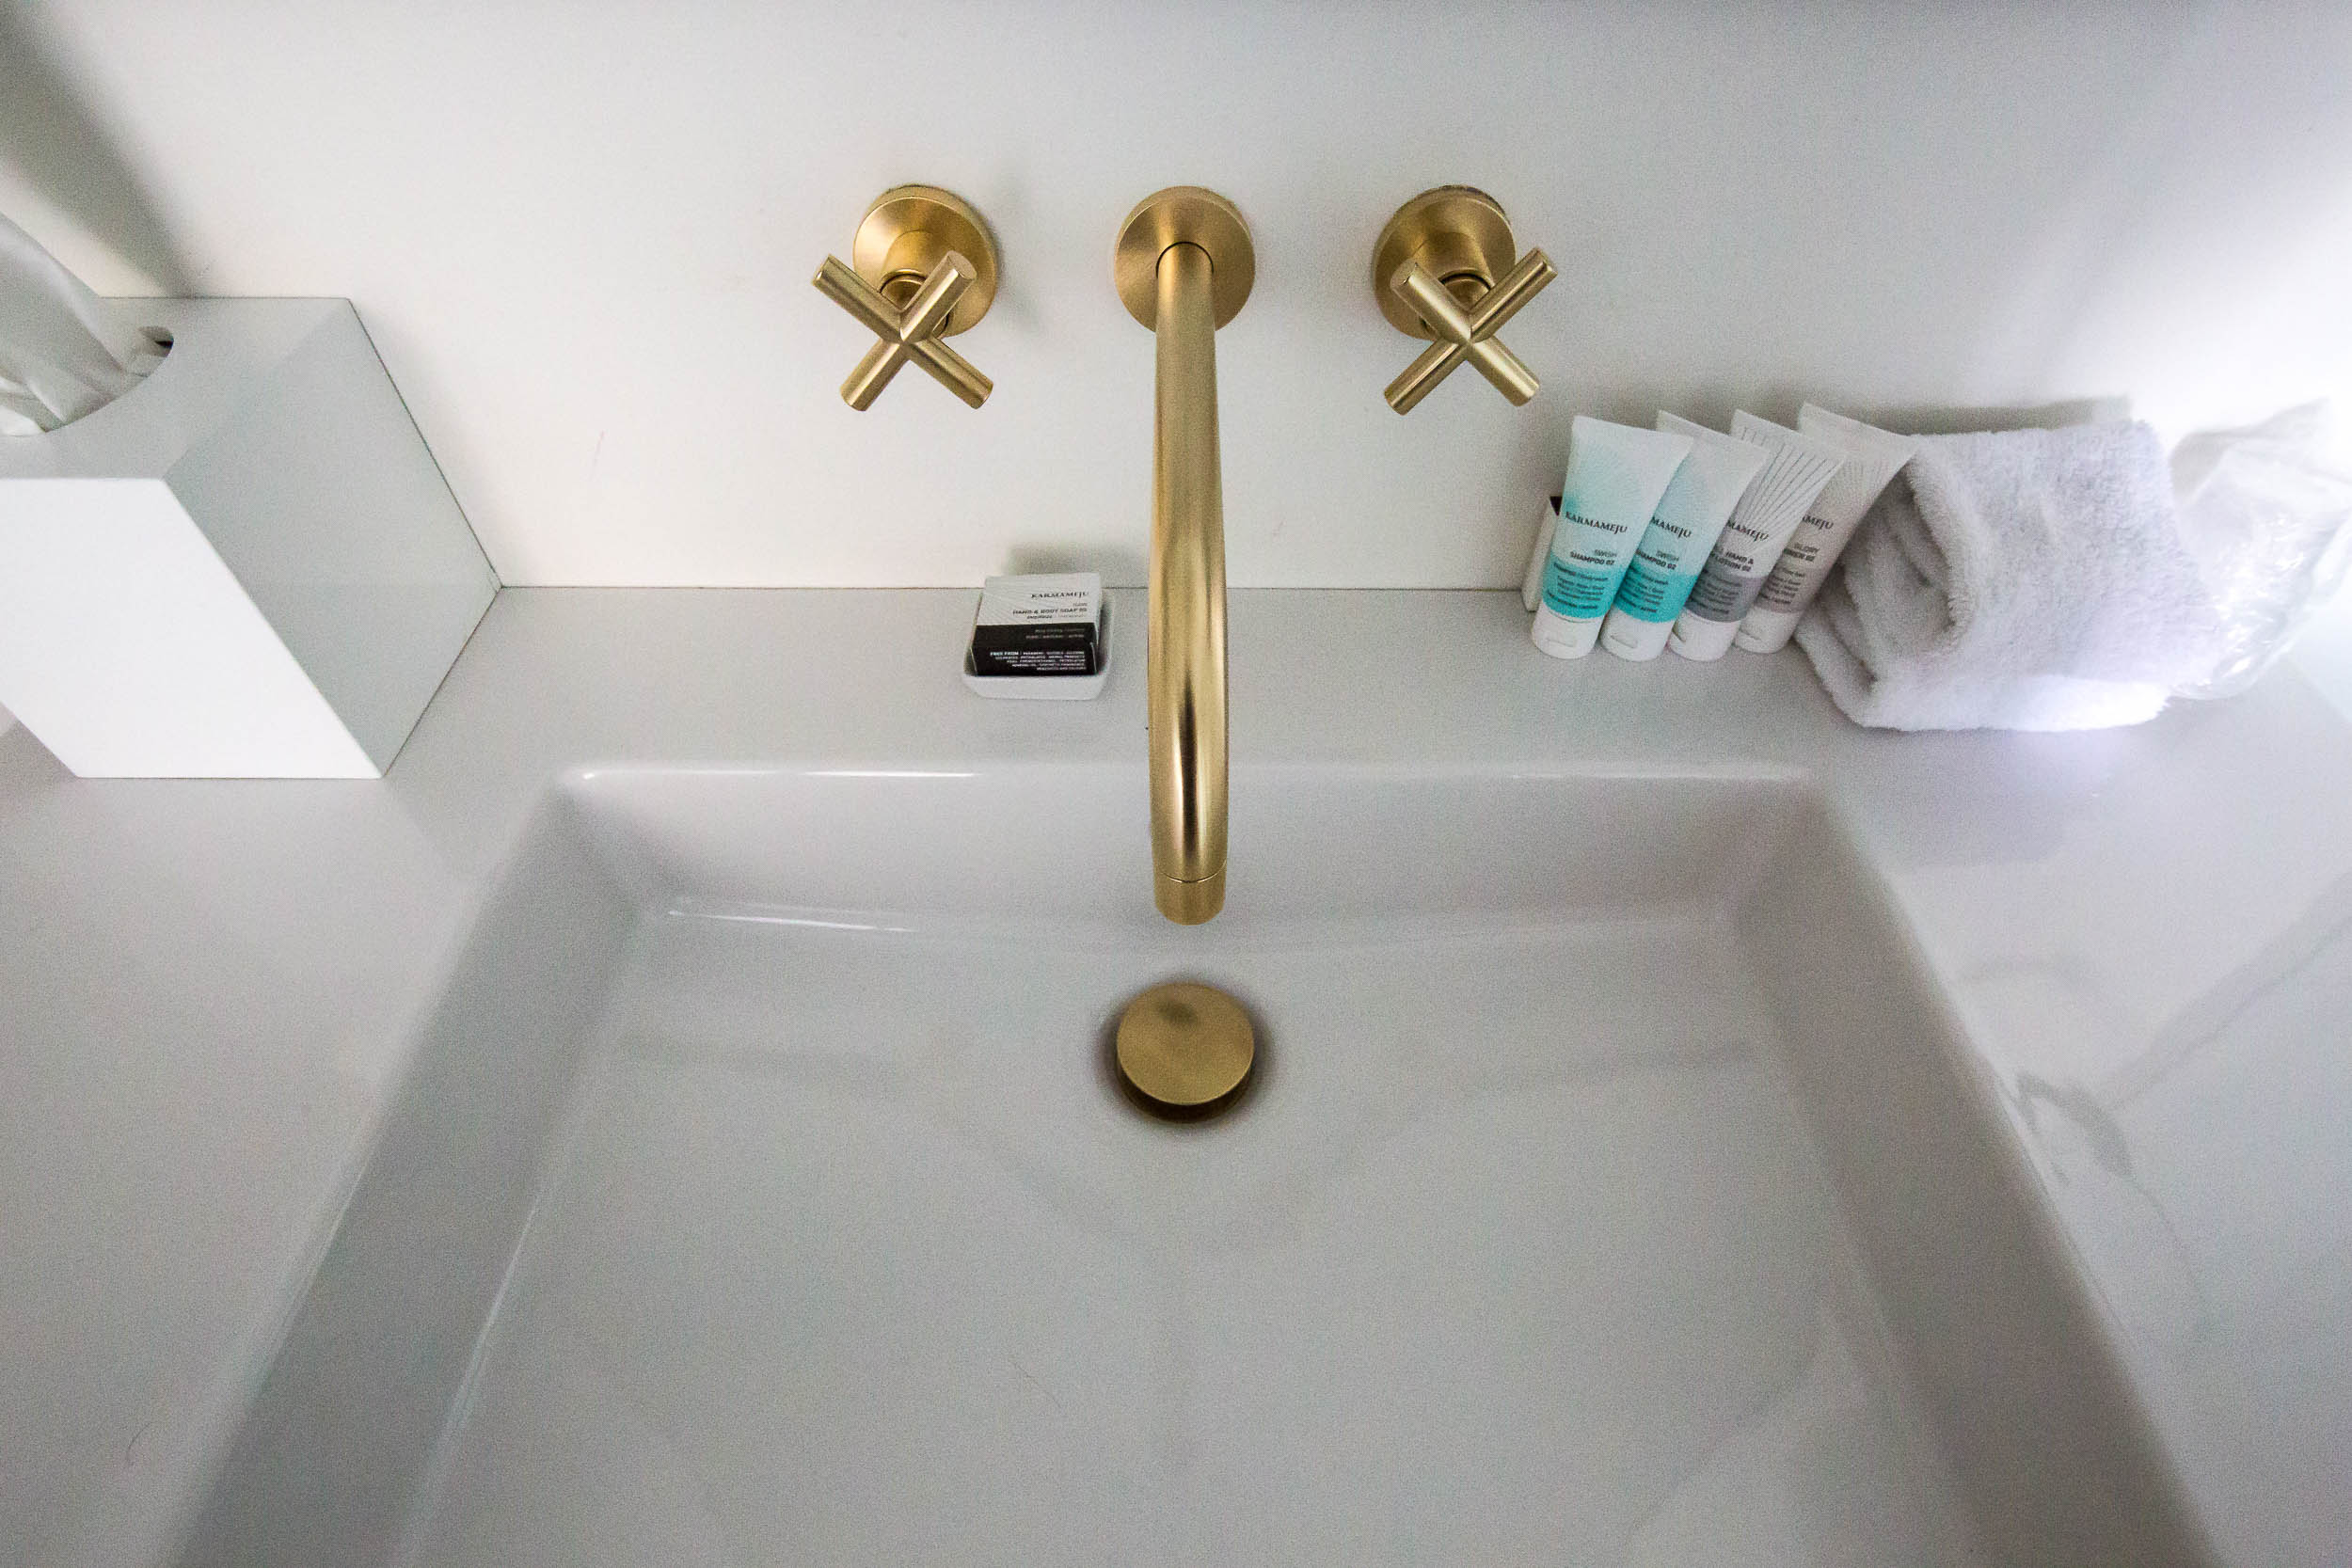 Bathroom in the Executive Double Delux View Room, Hotel 71 Nyhavn, Copenhagen-3.jpg